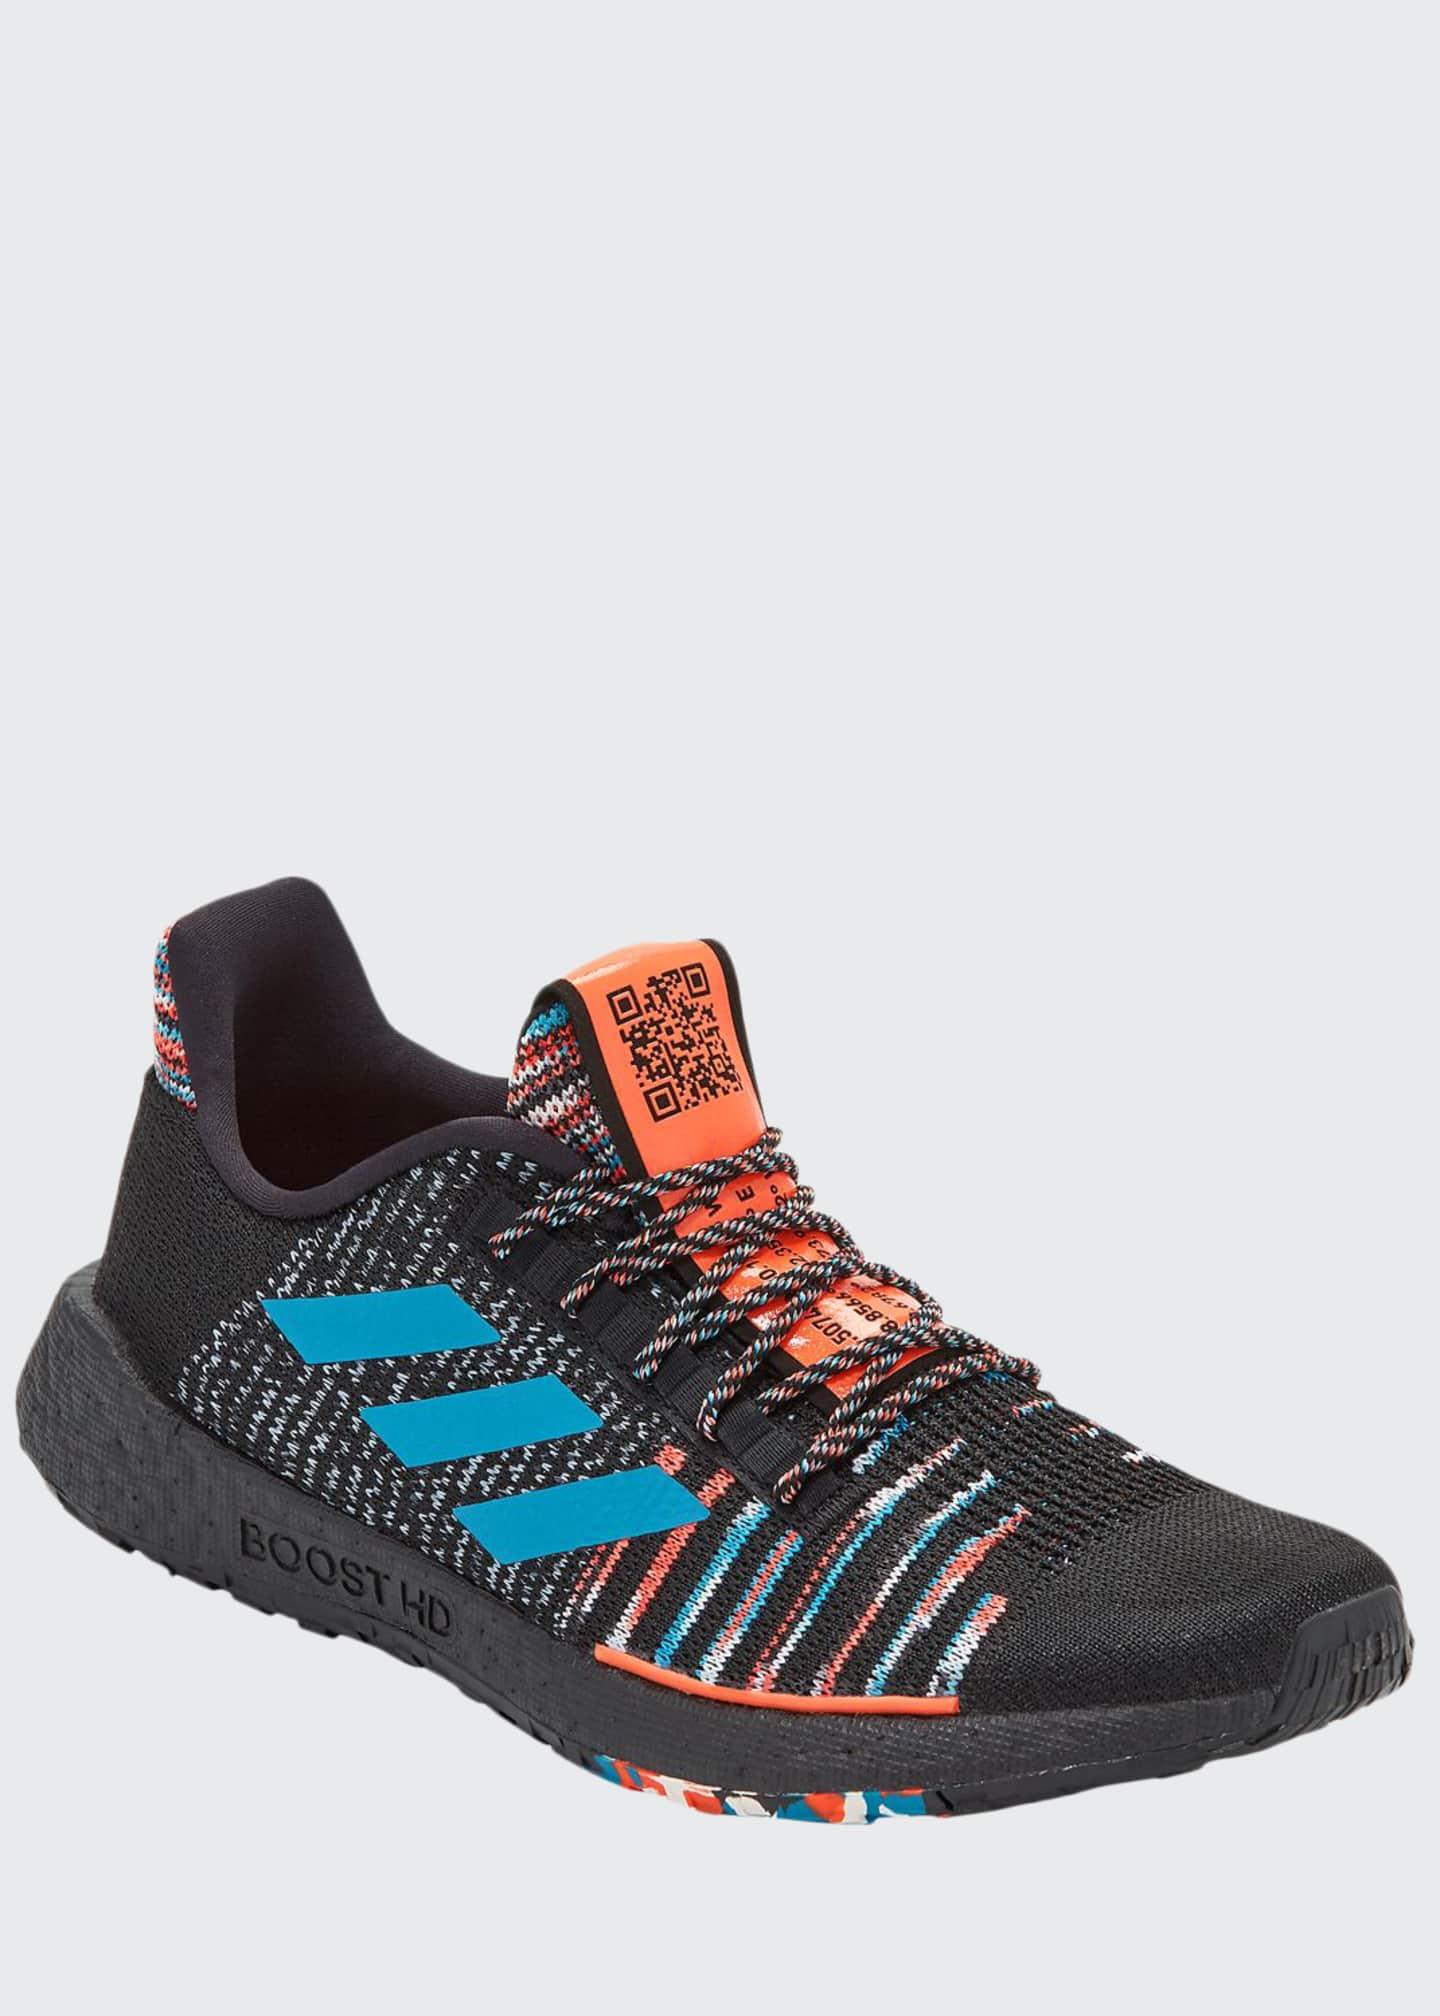 Adidas x missoni Men's PulseBoost HD-X Knit Running